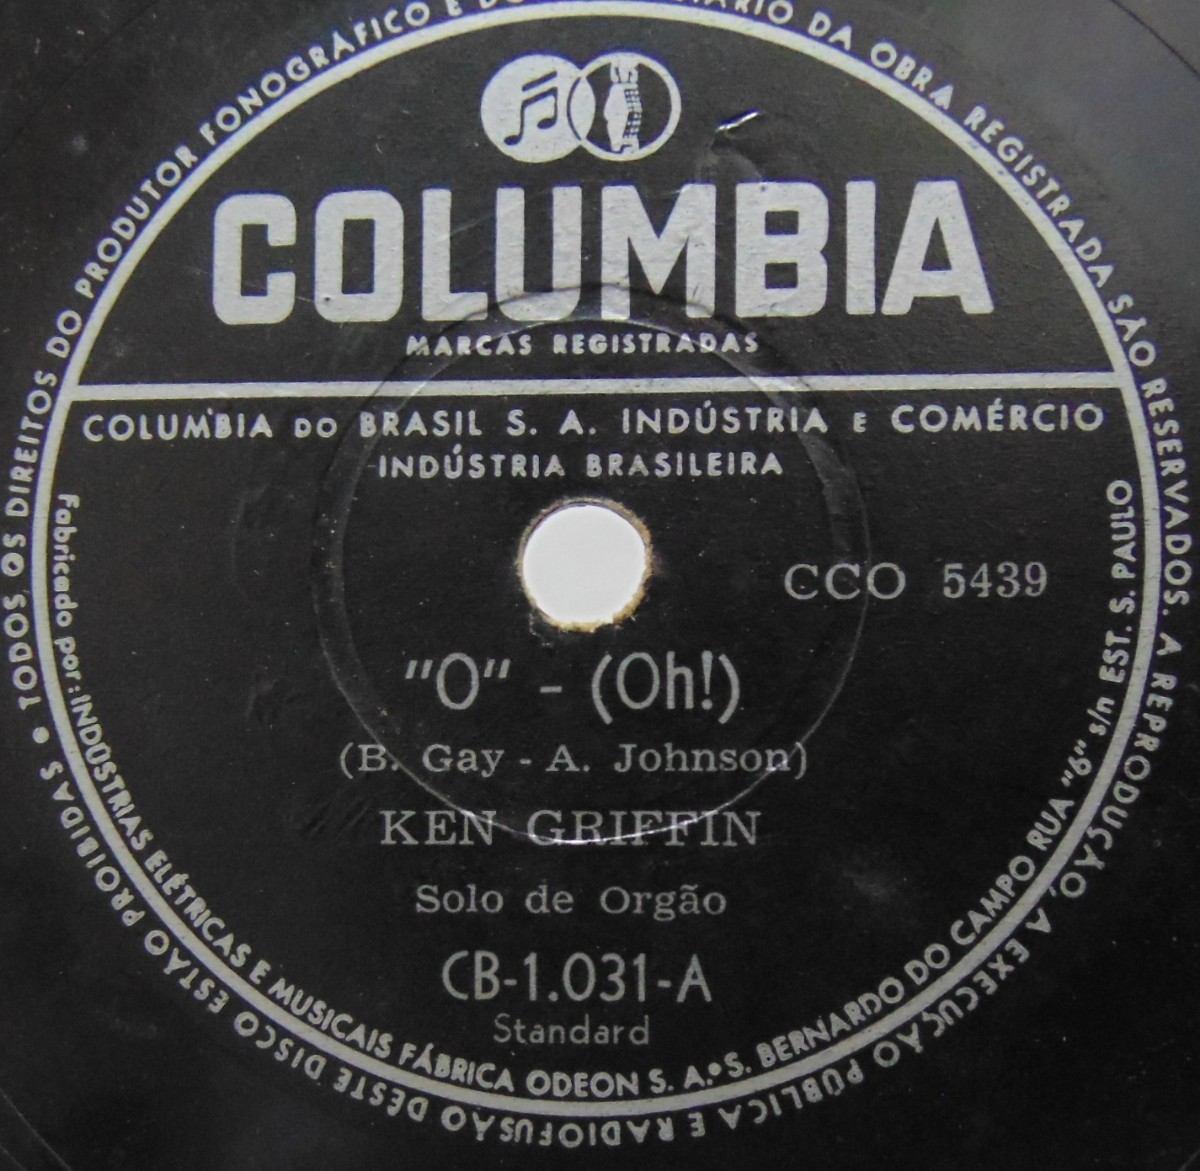 Disco Rotação 78 - Ken Griffin - Solo De Orgão - O - (oh!) -